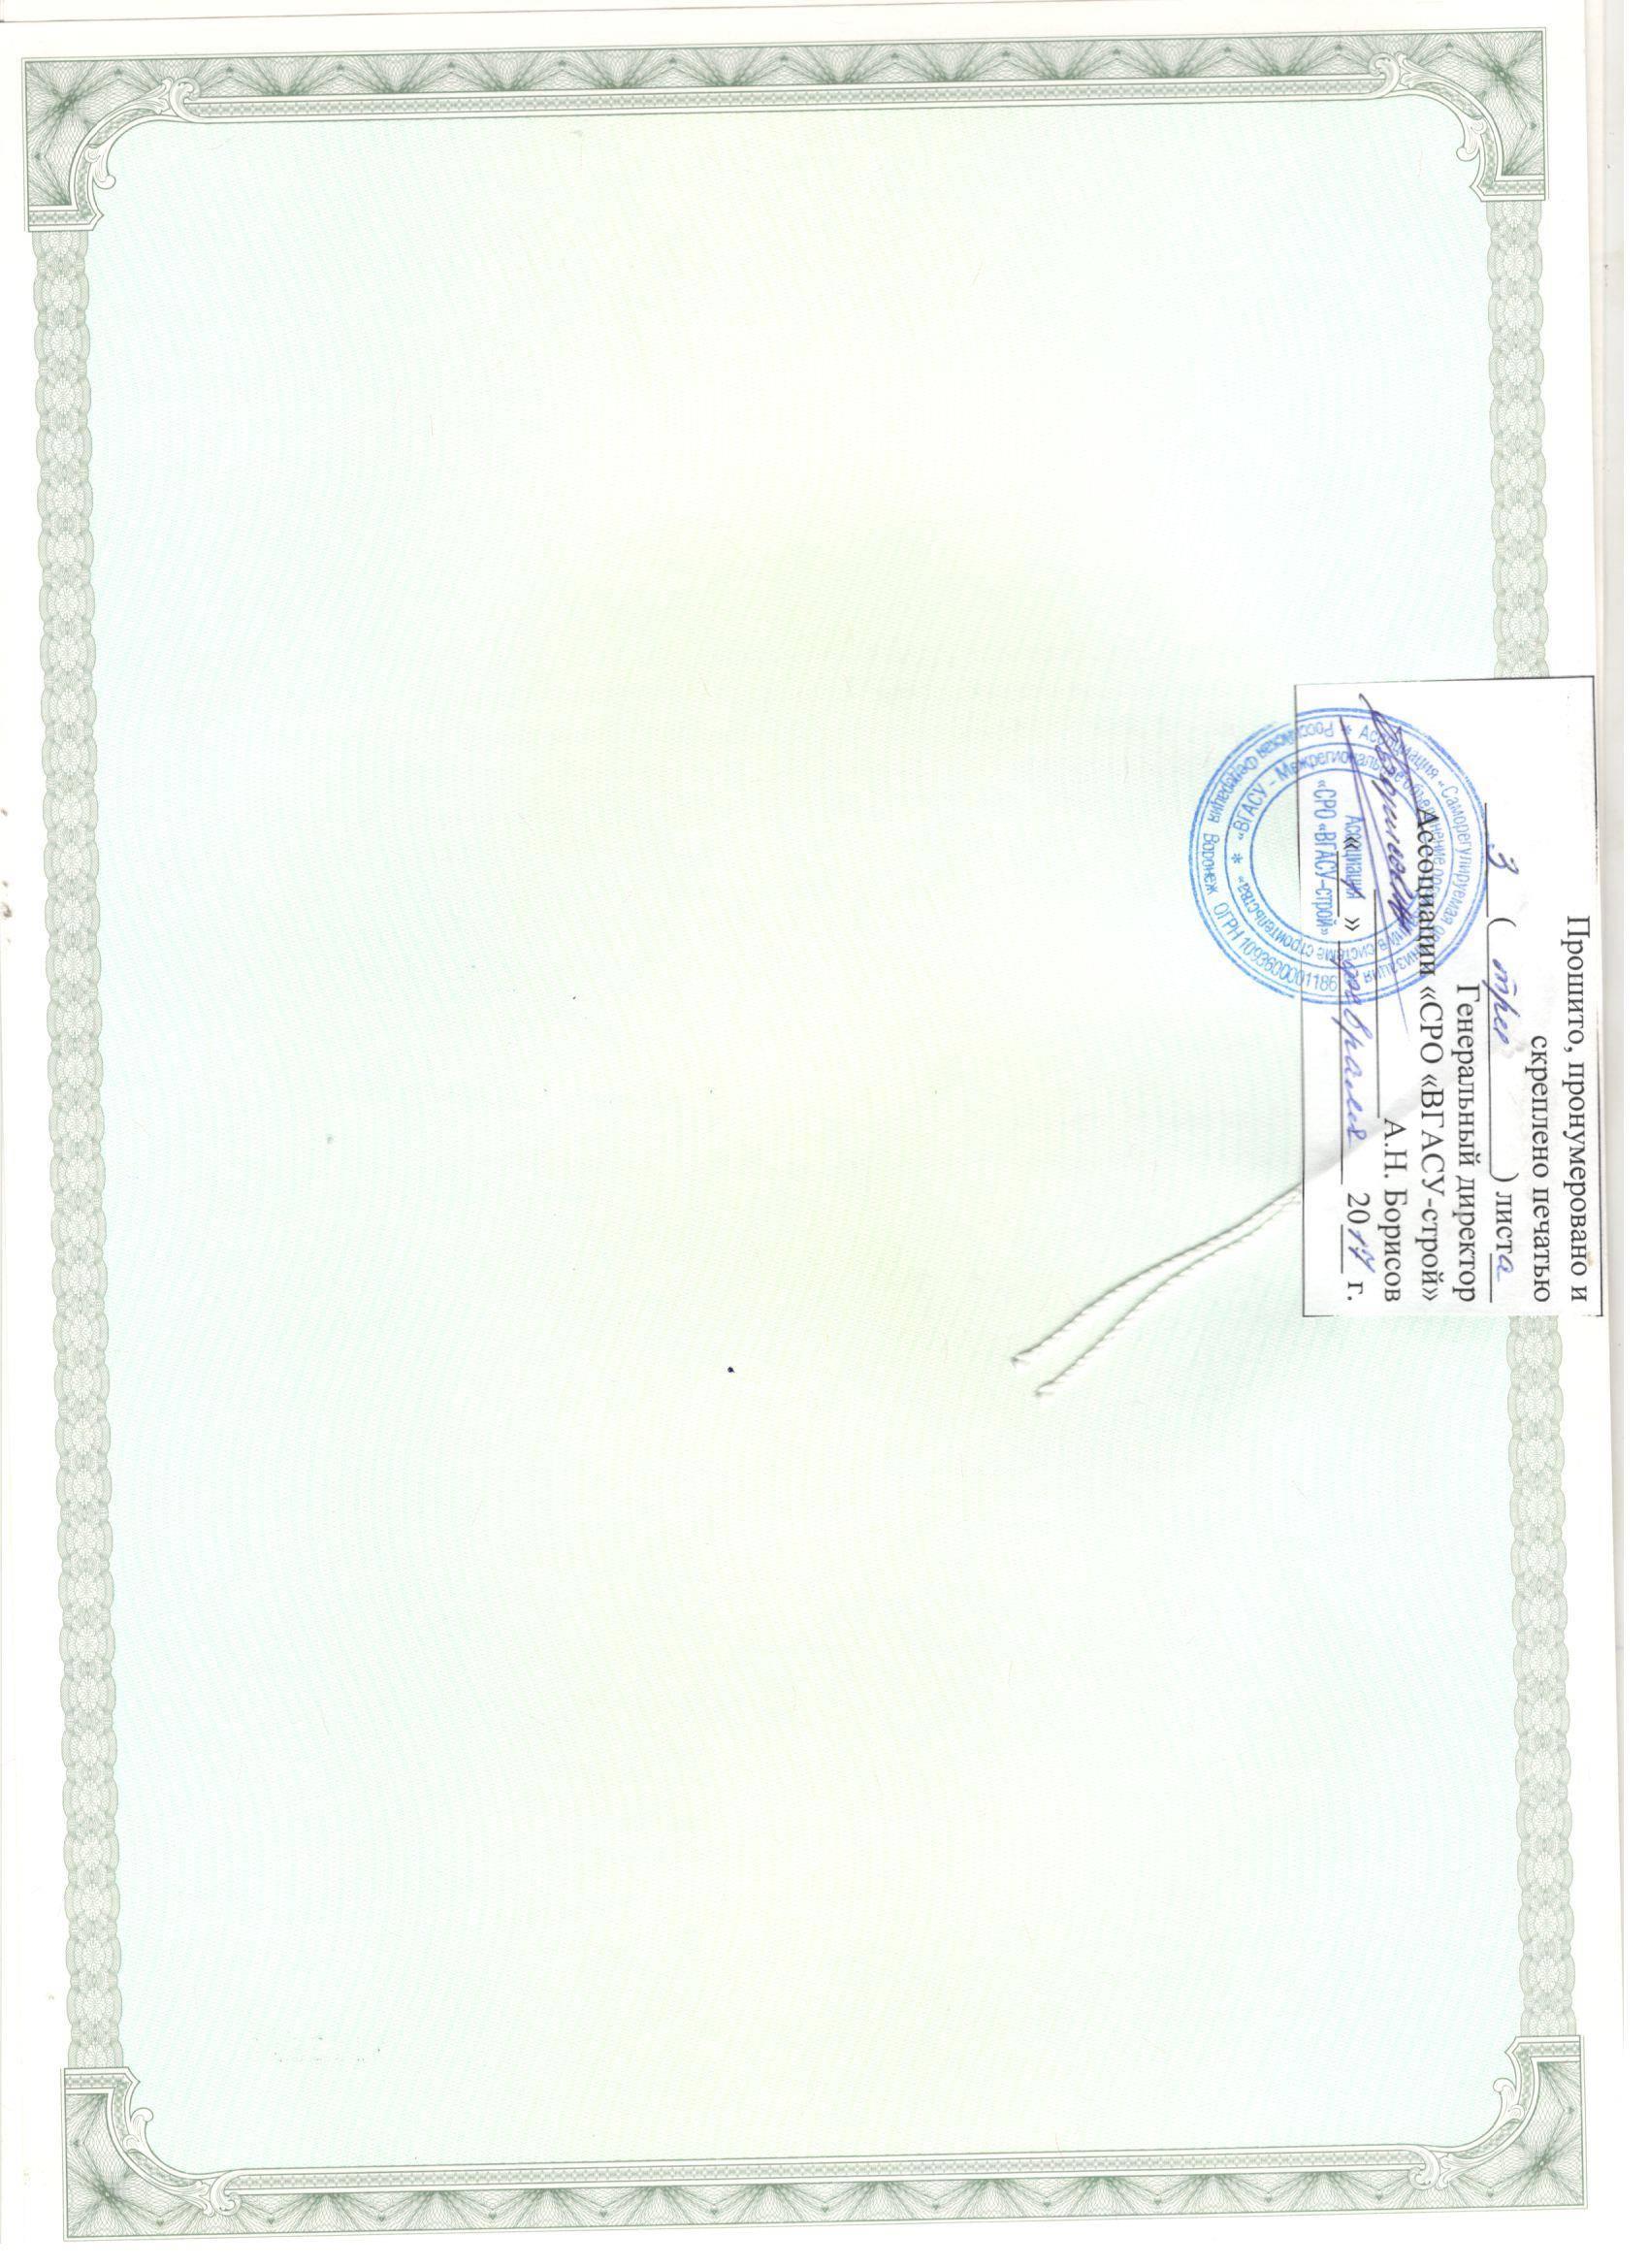 Скан СРО НП ВГАСУ страница №4